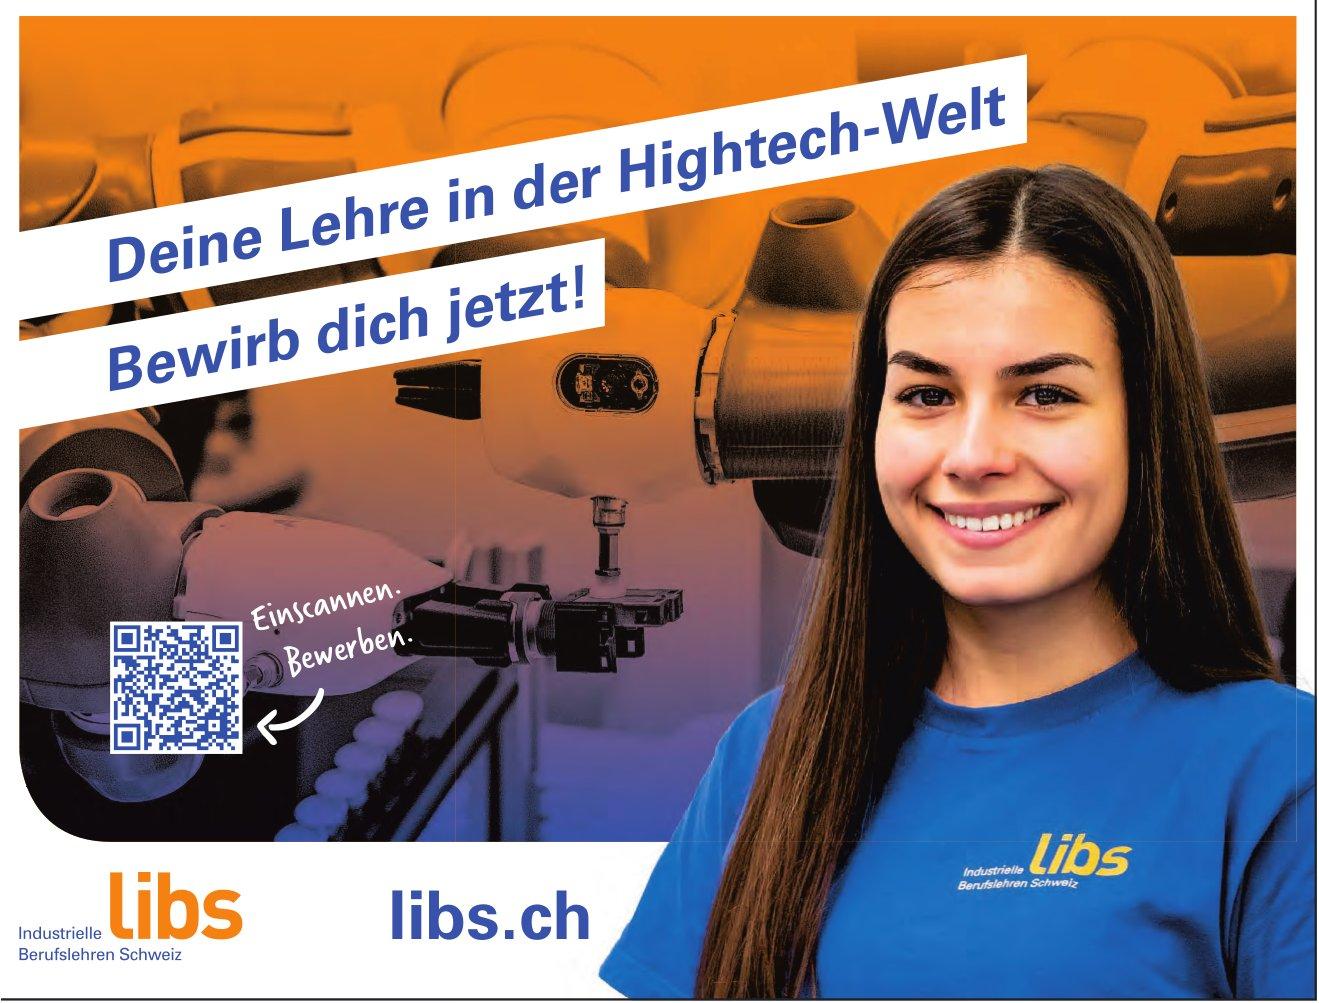 Libs - Deien Lehre in der Hightech-Welt. Bewirb Dich jetzt!